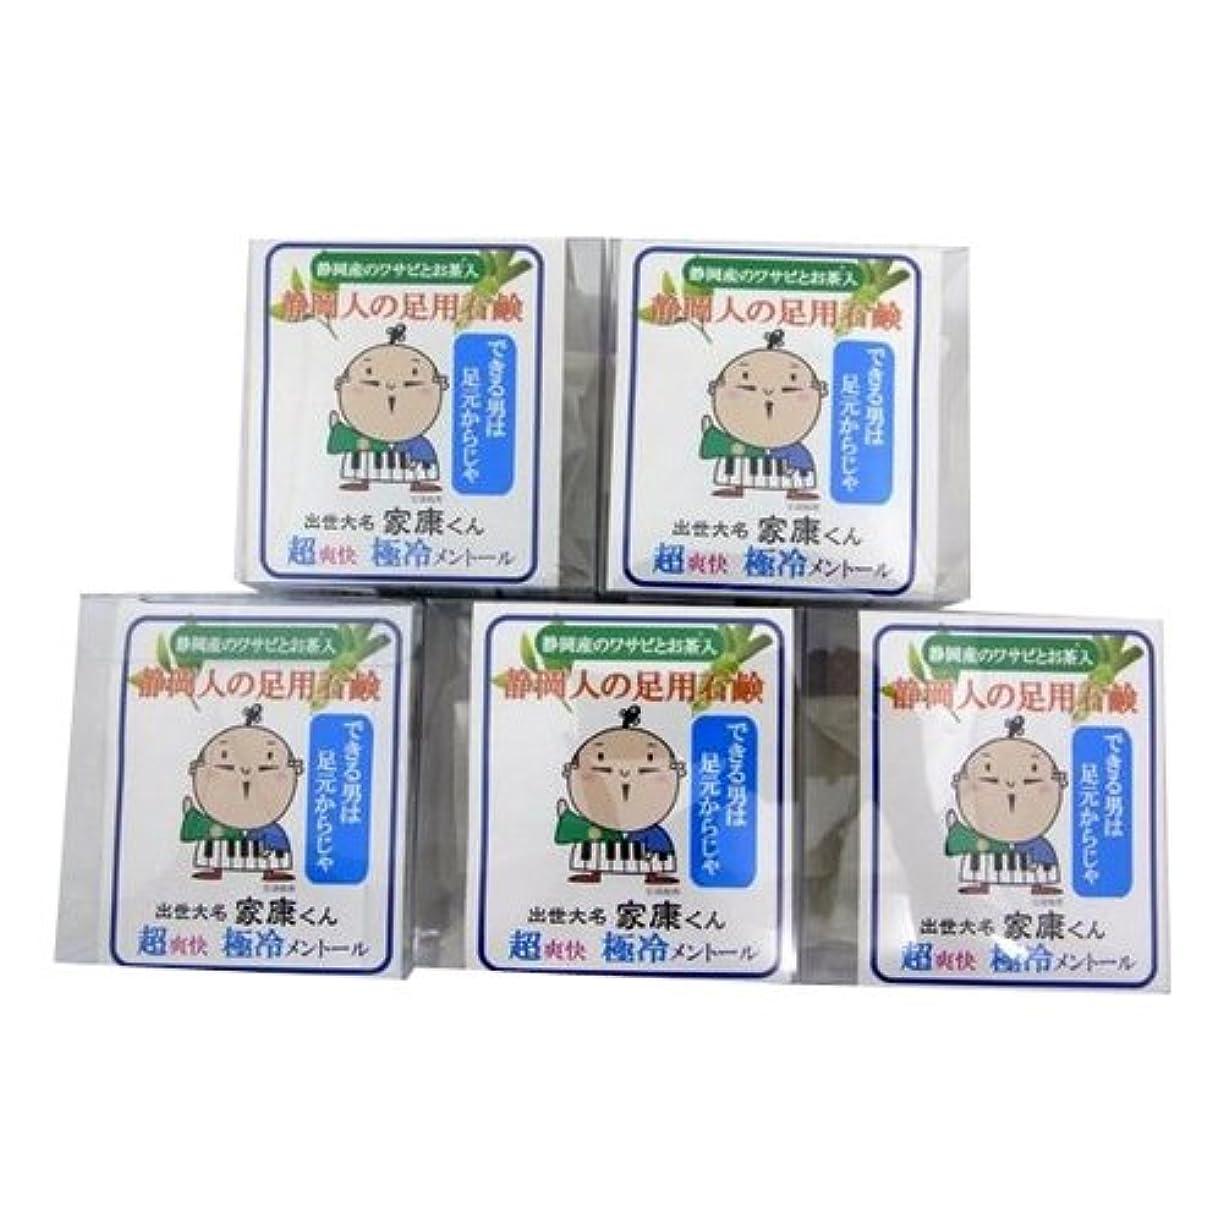 昨日爆発するイチゴエコライフラボ 静岡人の足用石鹸60g (ネット付) 5個セット